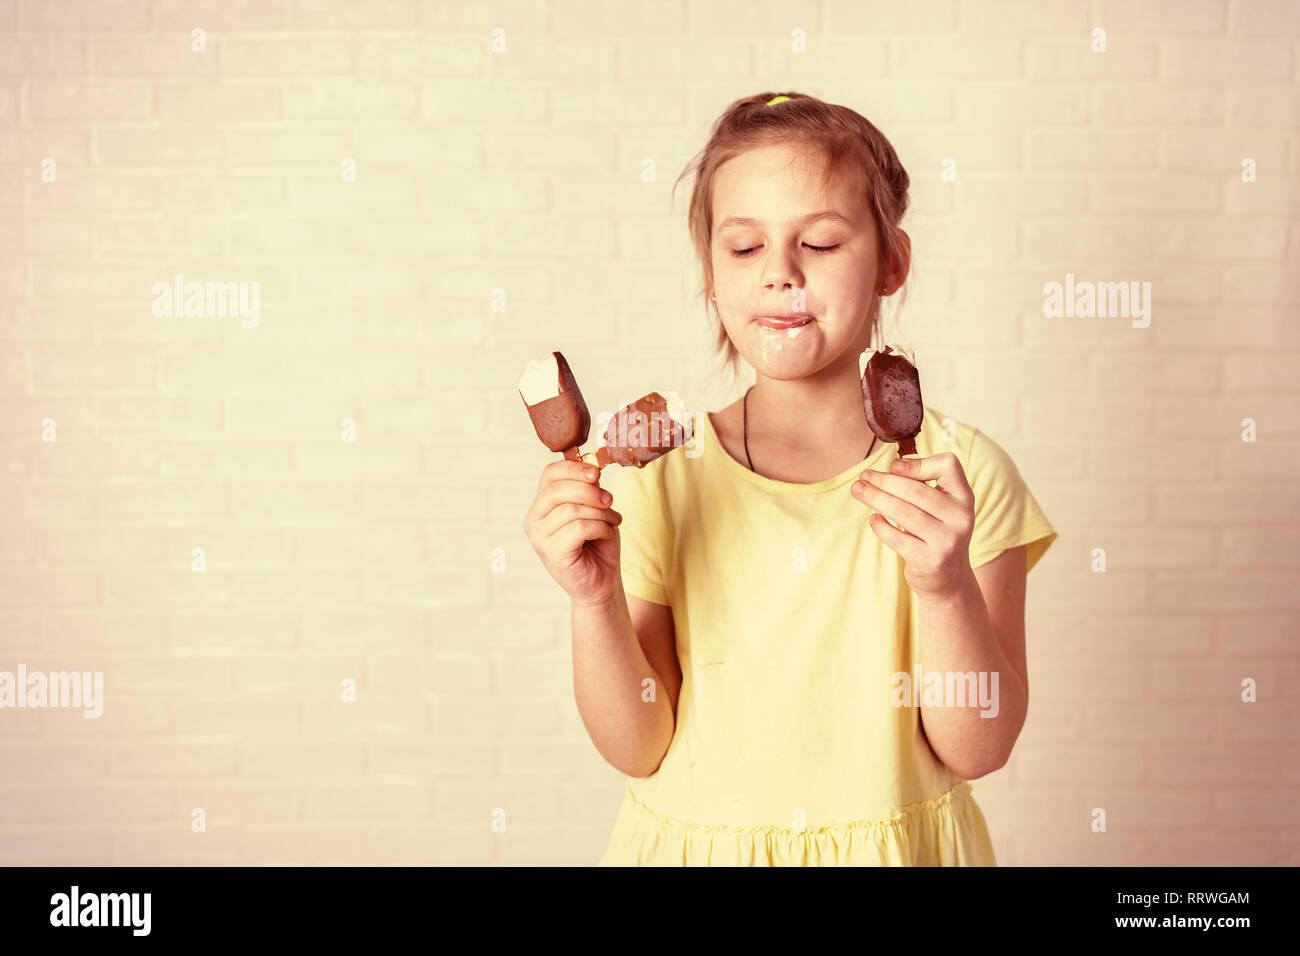 Felice bambina mangiare ghiaccioli al tempo estivo, spazio di copia Foto Stock